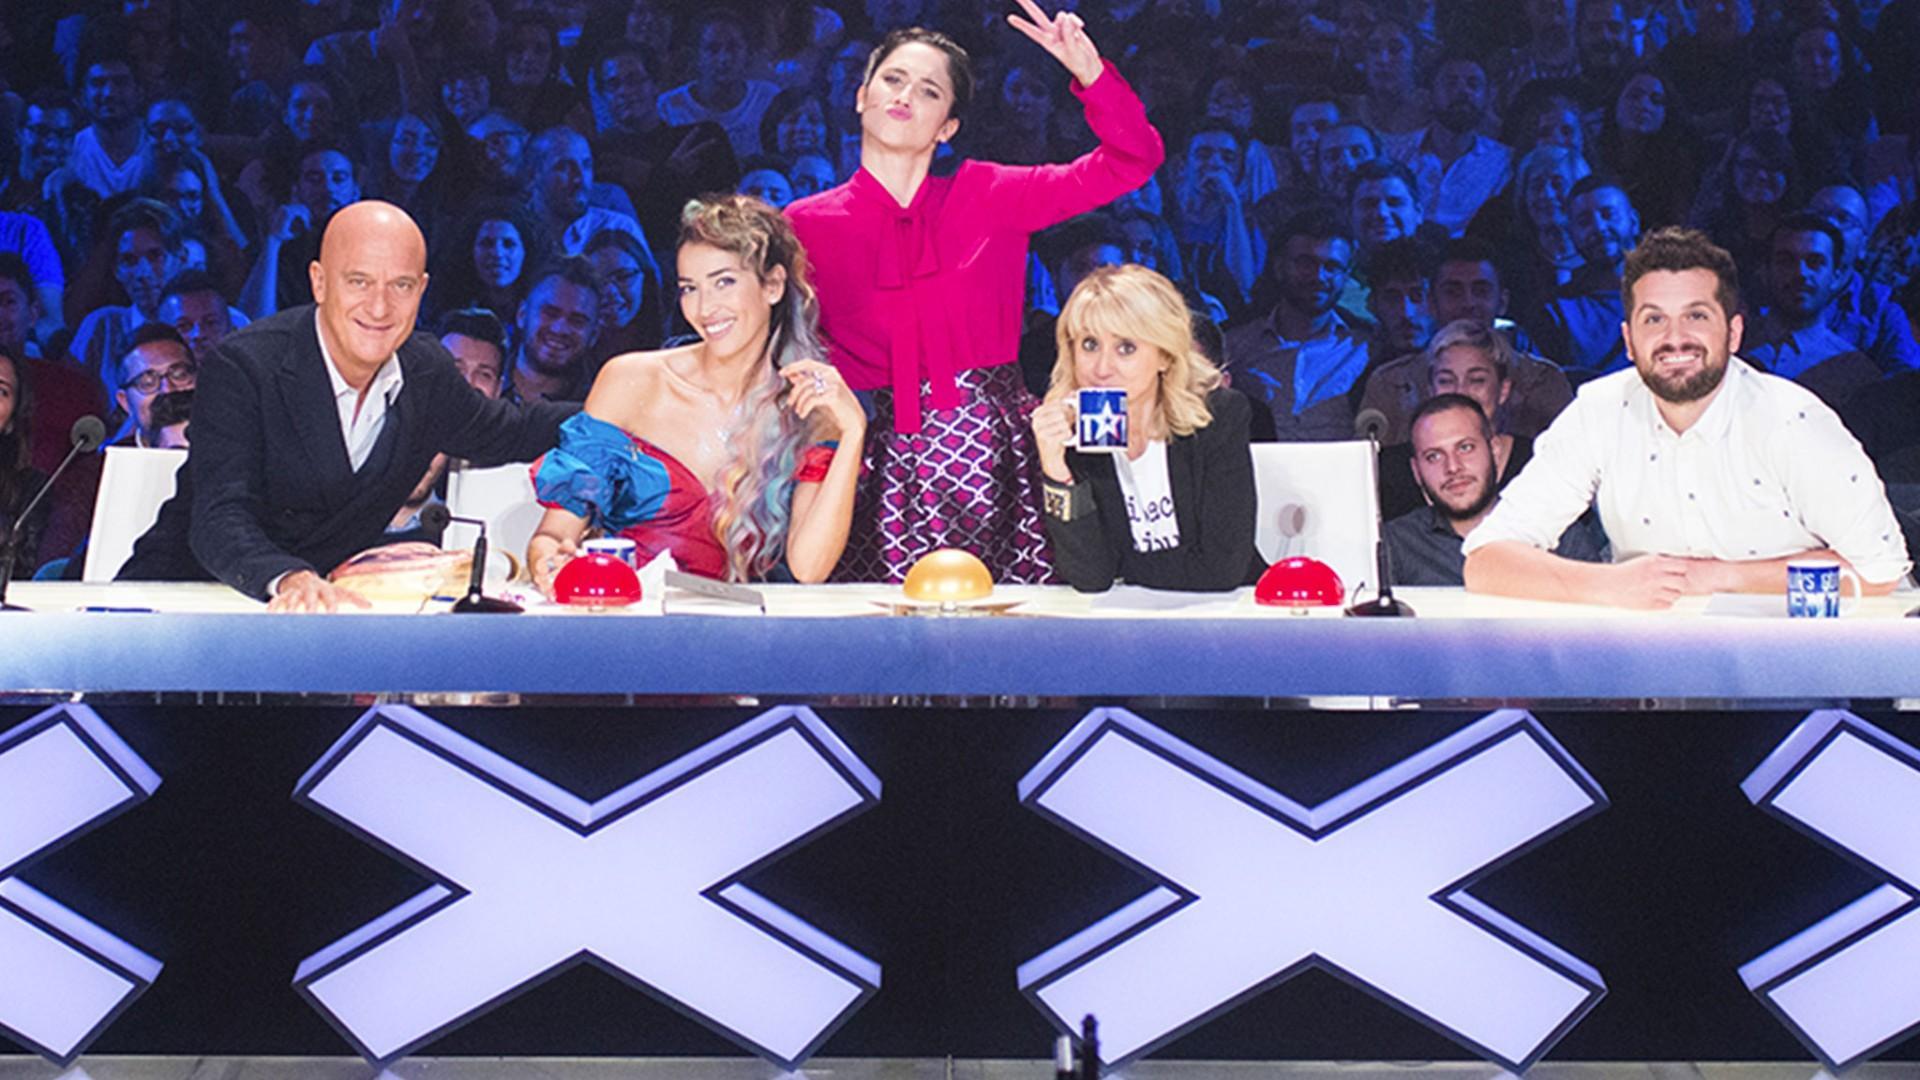 TV8 Italia's Got Talent - Best Of